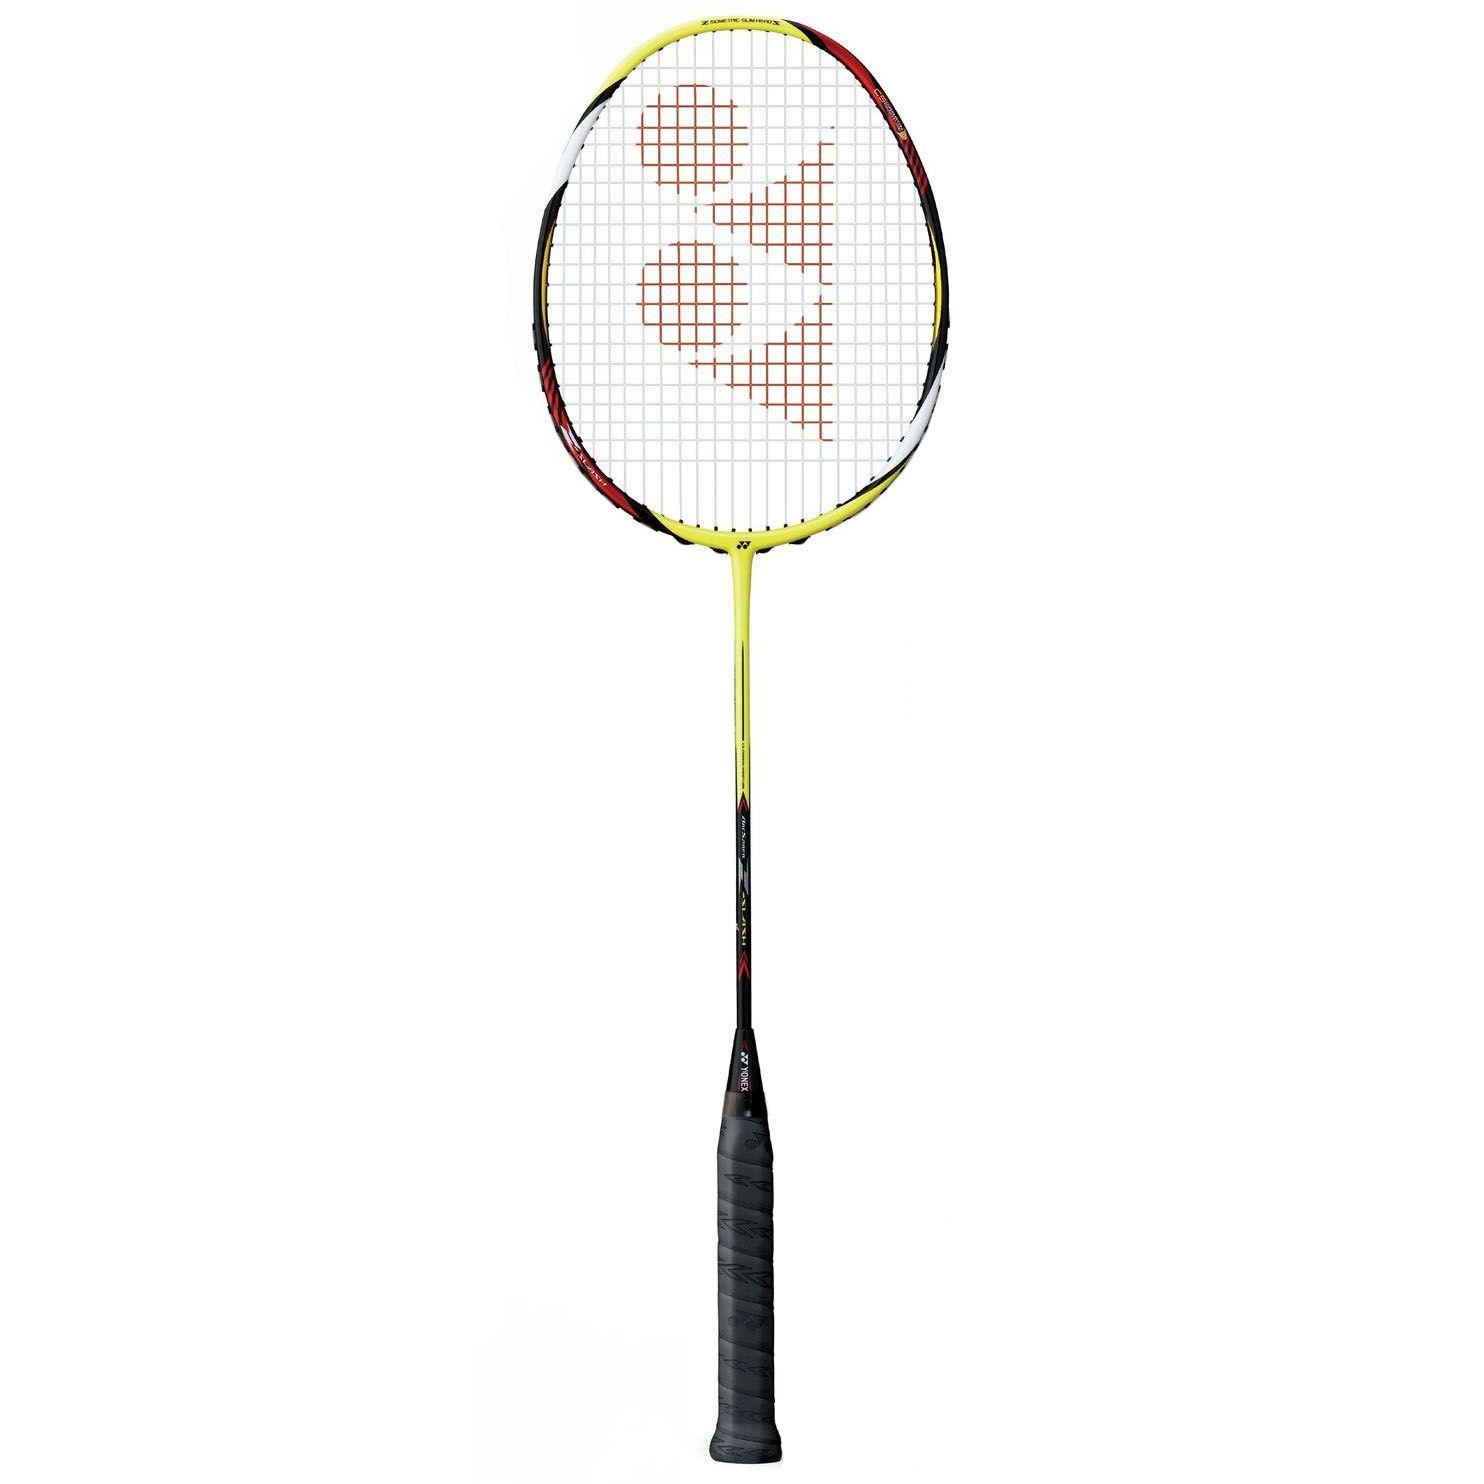 ... badminton_racket_yonex_arcsaber_z-slash_badminton_racket_2000x2000.jpg